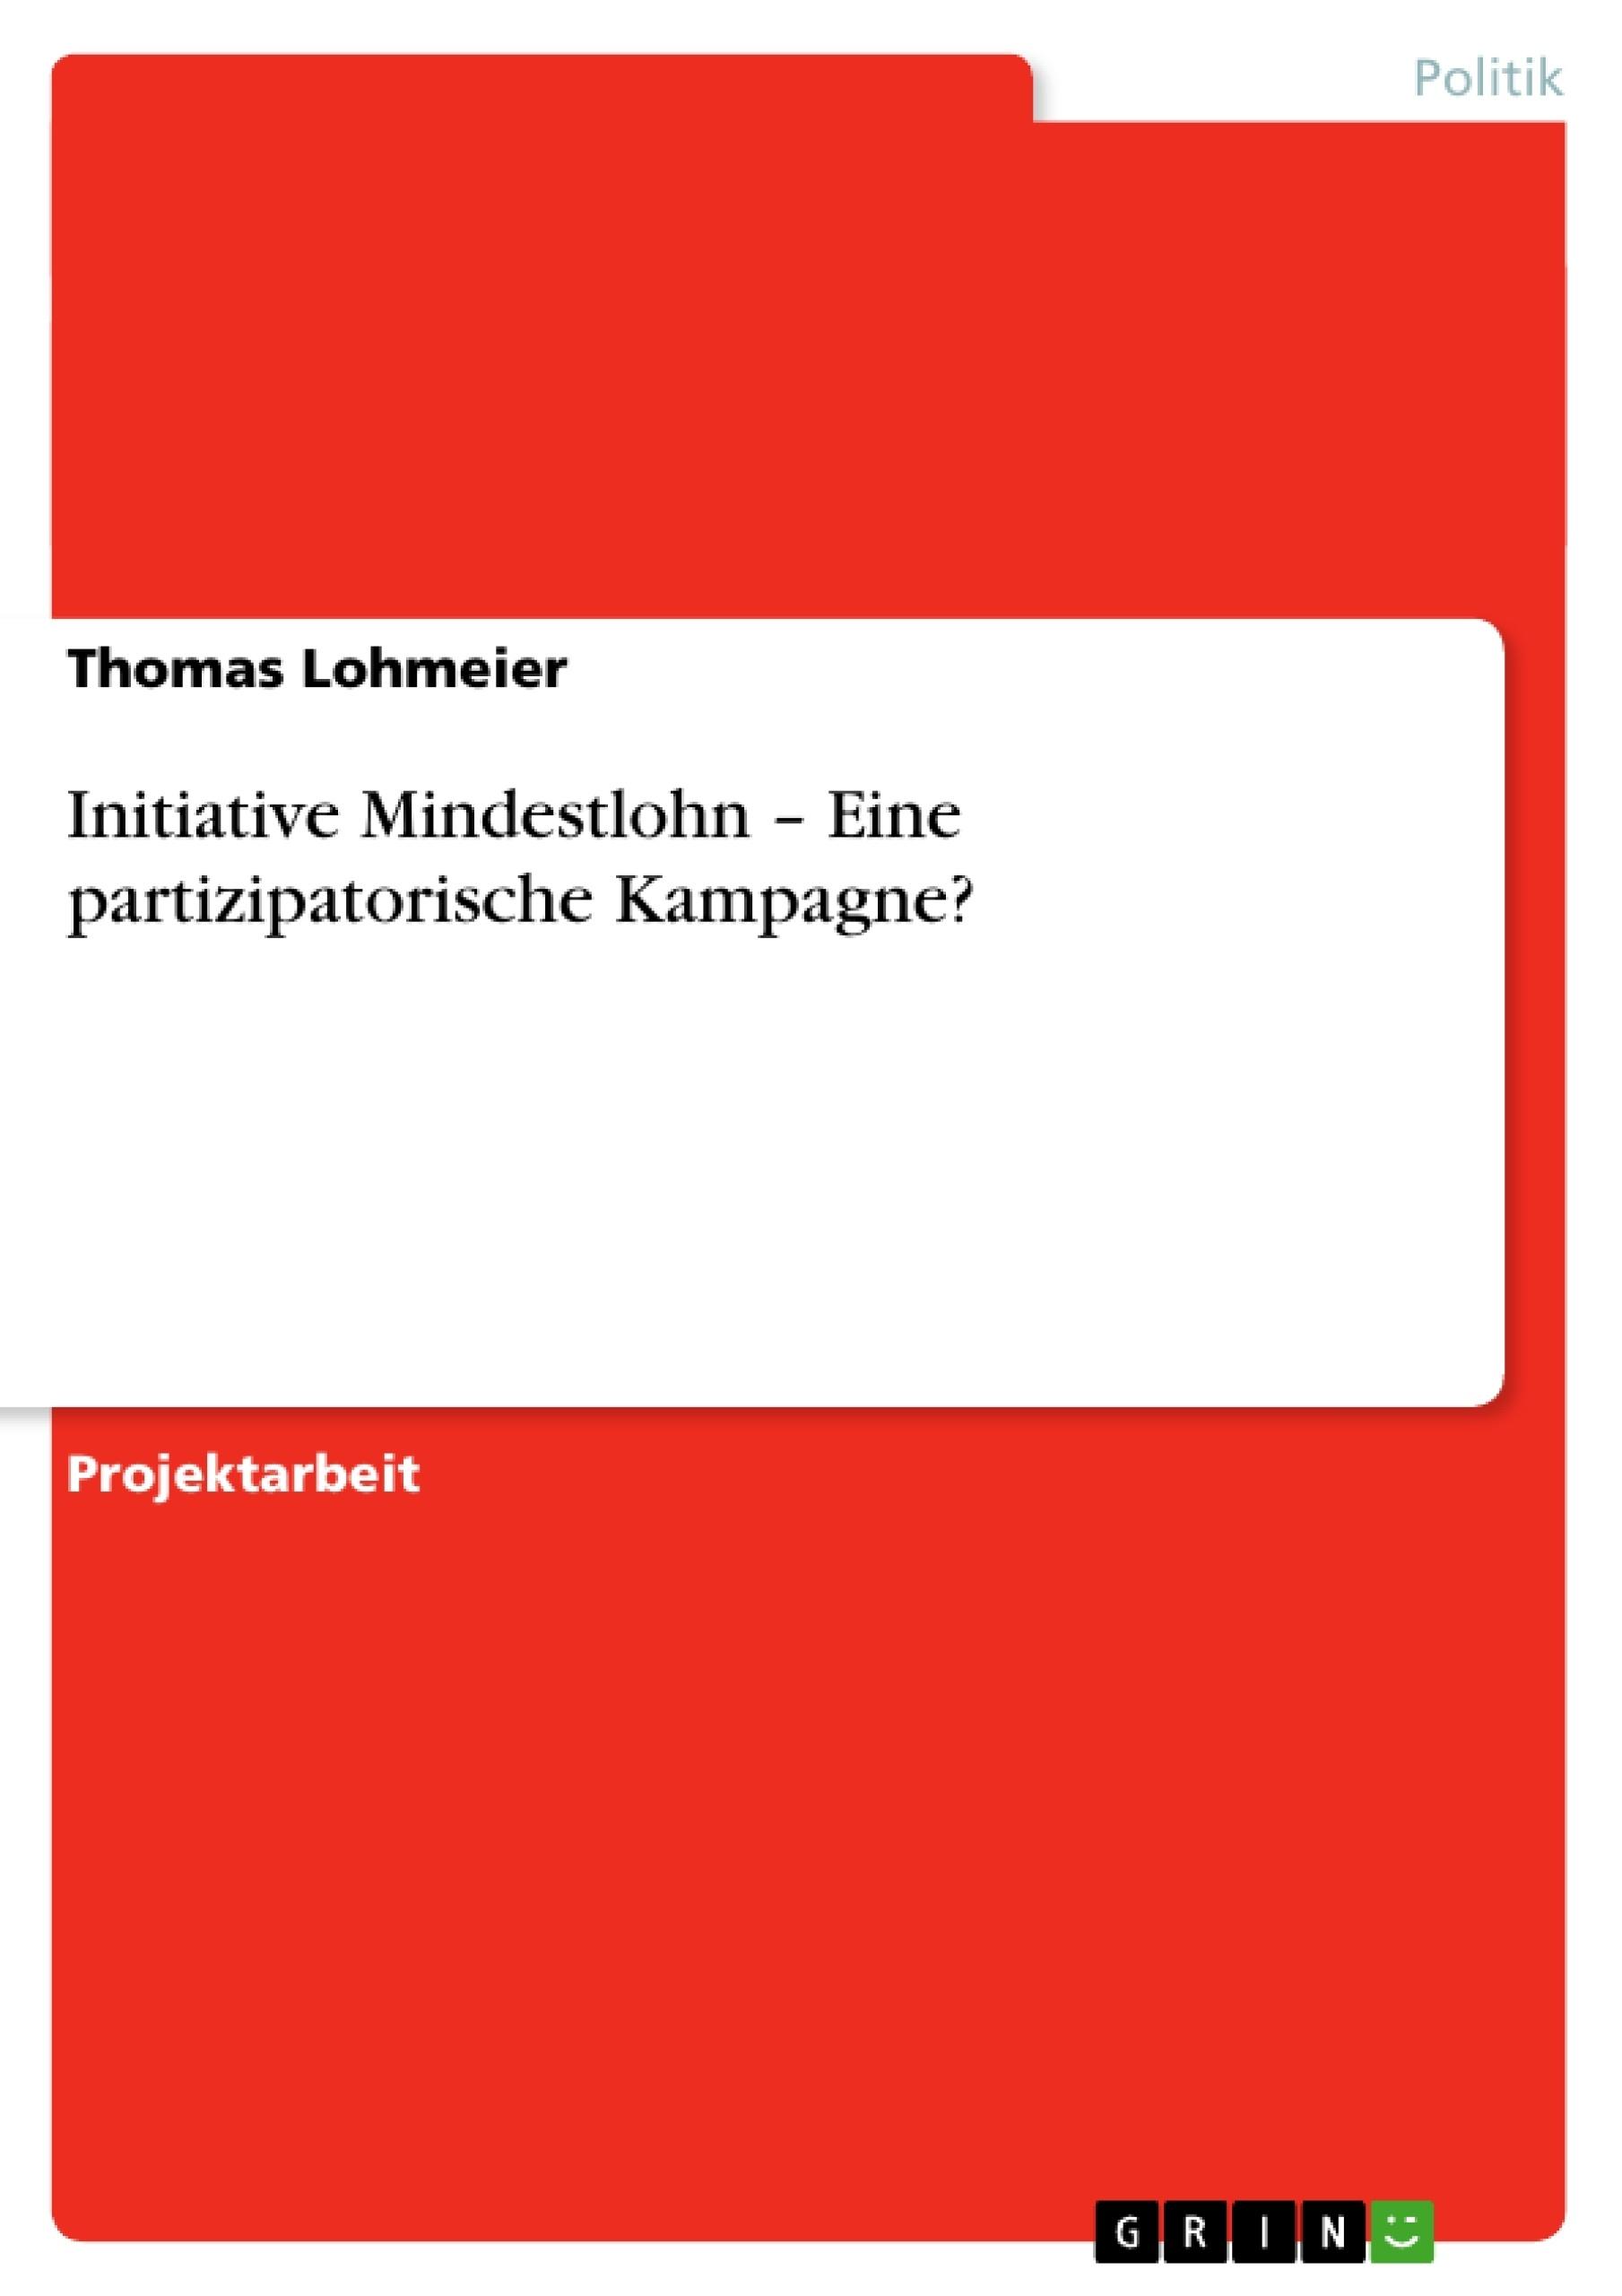 Titel: Initiative Mindestlohn – Eine partizipatorische Kampagne?